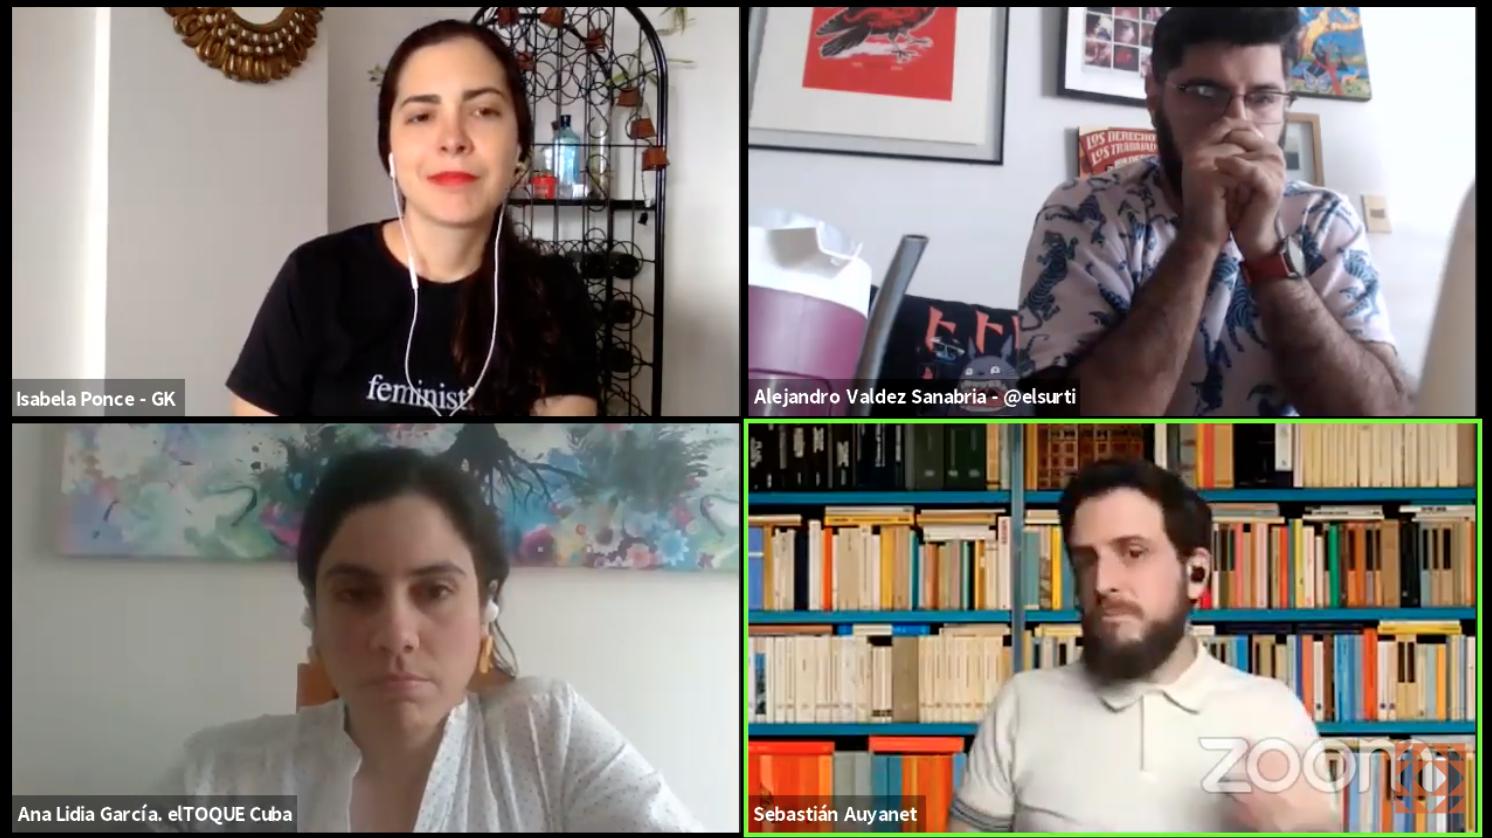 Cuando la pandemia impulsa el cambio - 13 Coloquio Iberoamericano de Periodismo Digital